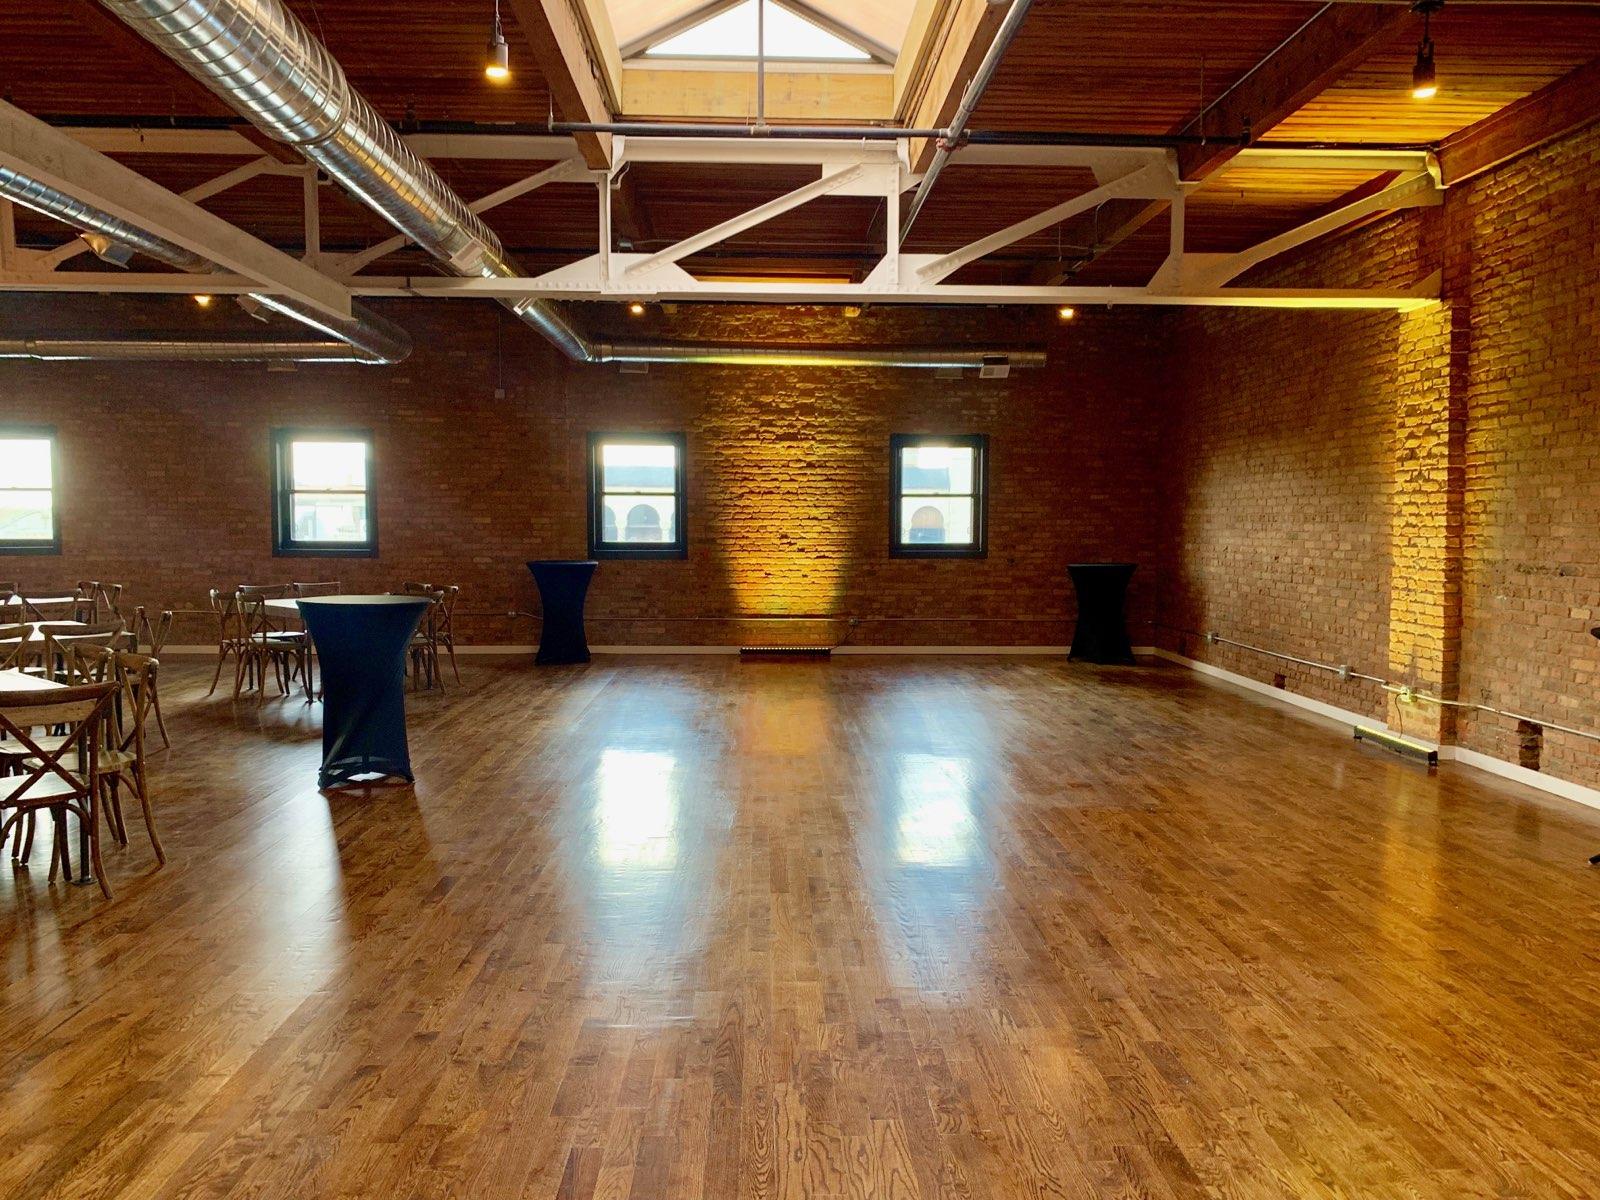 zephyr dance floor